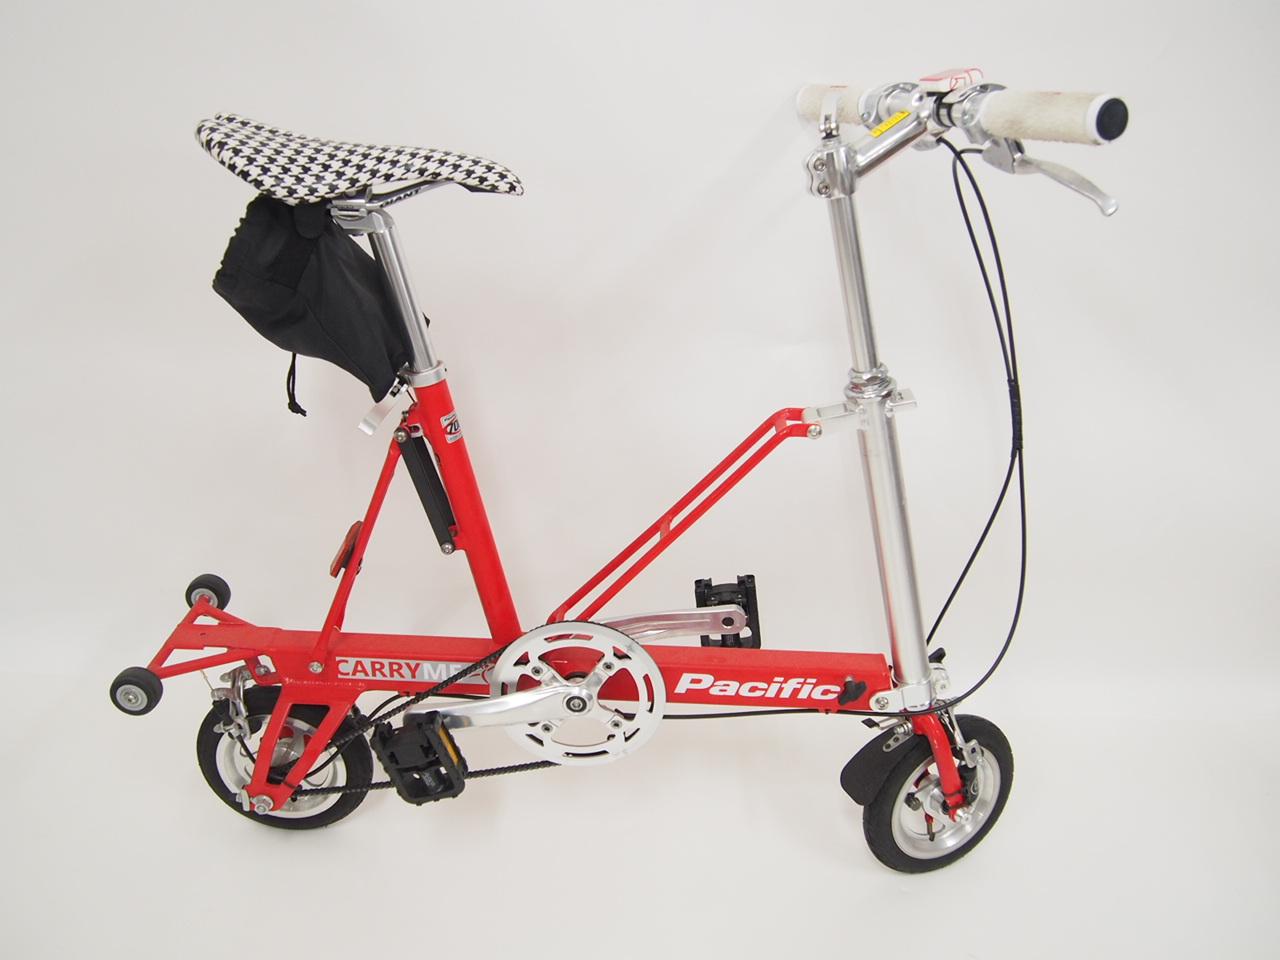 パシフィック社 CARRY ME 折りたたみ自転車 ミニベロ